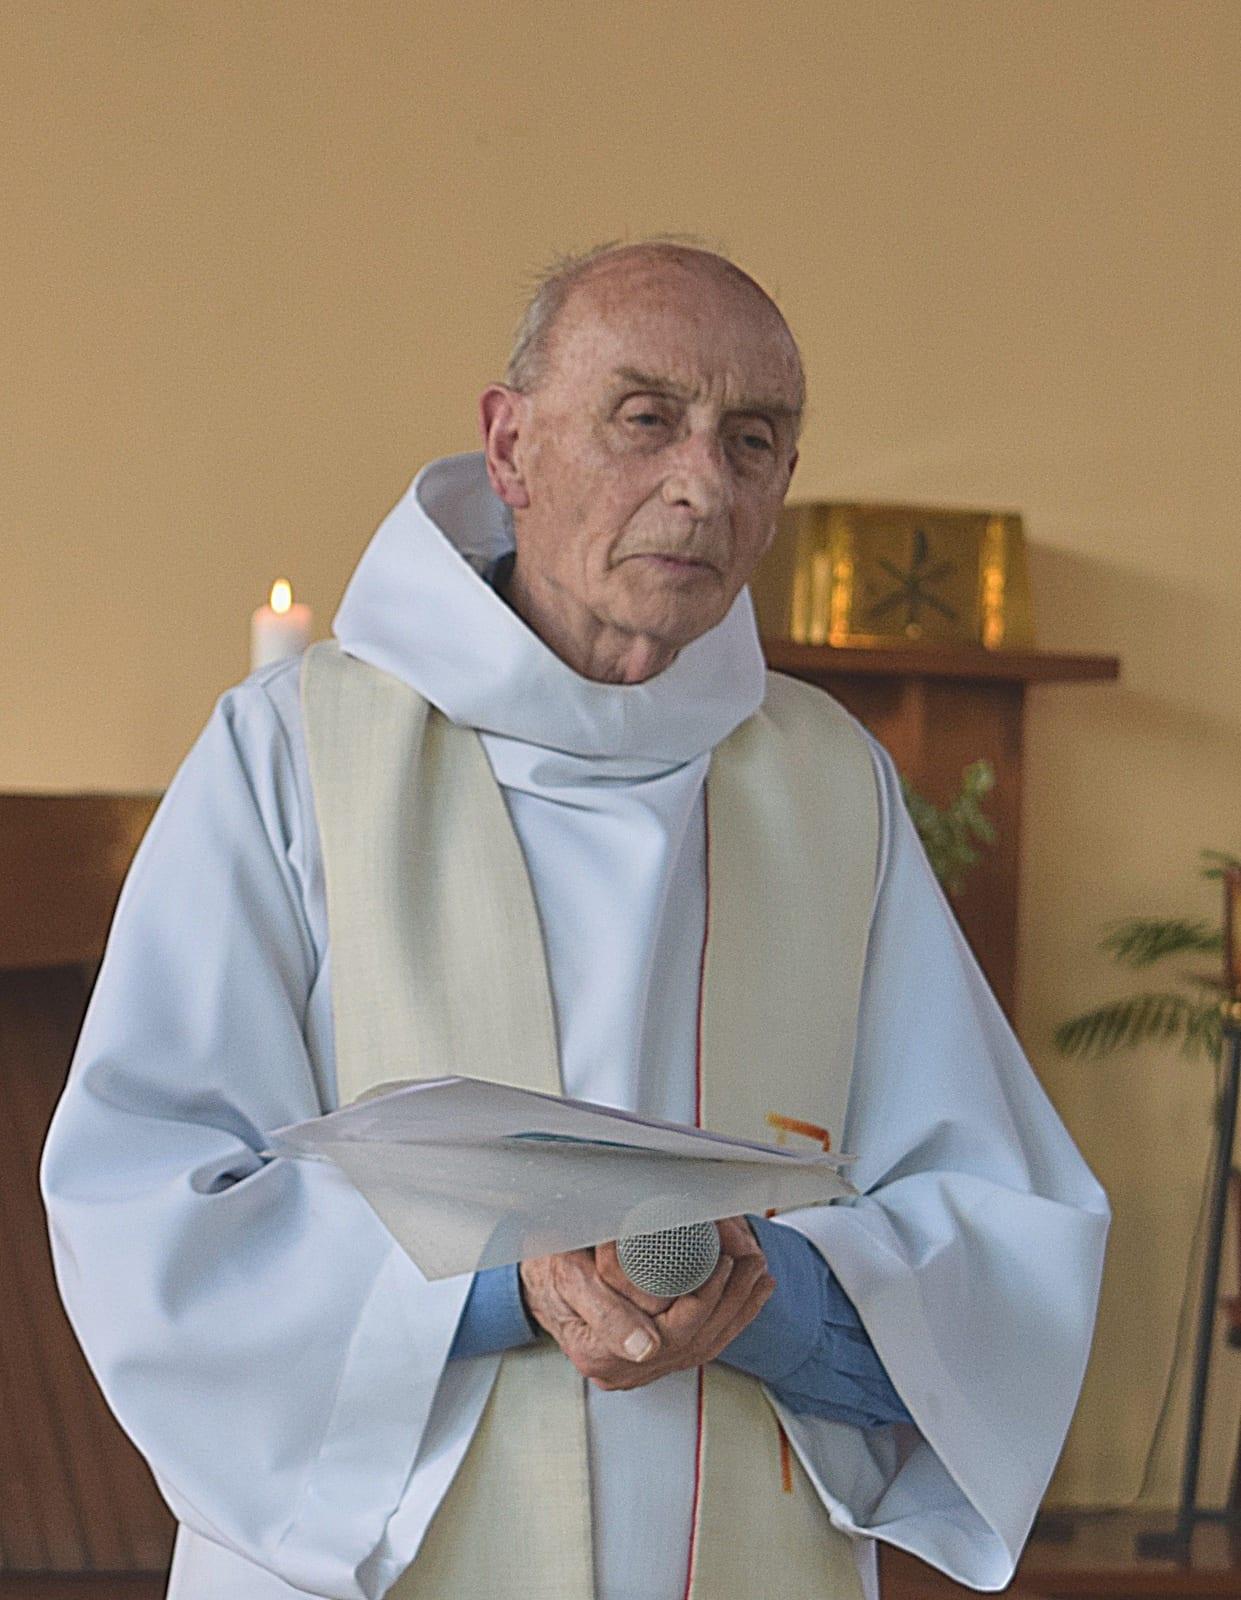 Les perdants radicaux la nouvelle arme de daech for Frazzi saint etienne du rouvray